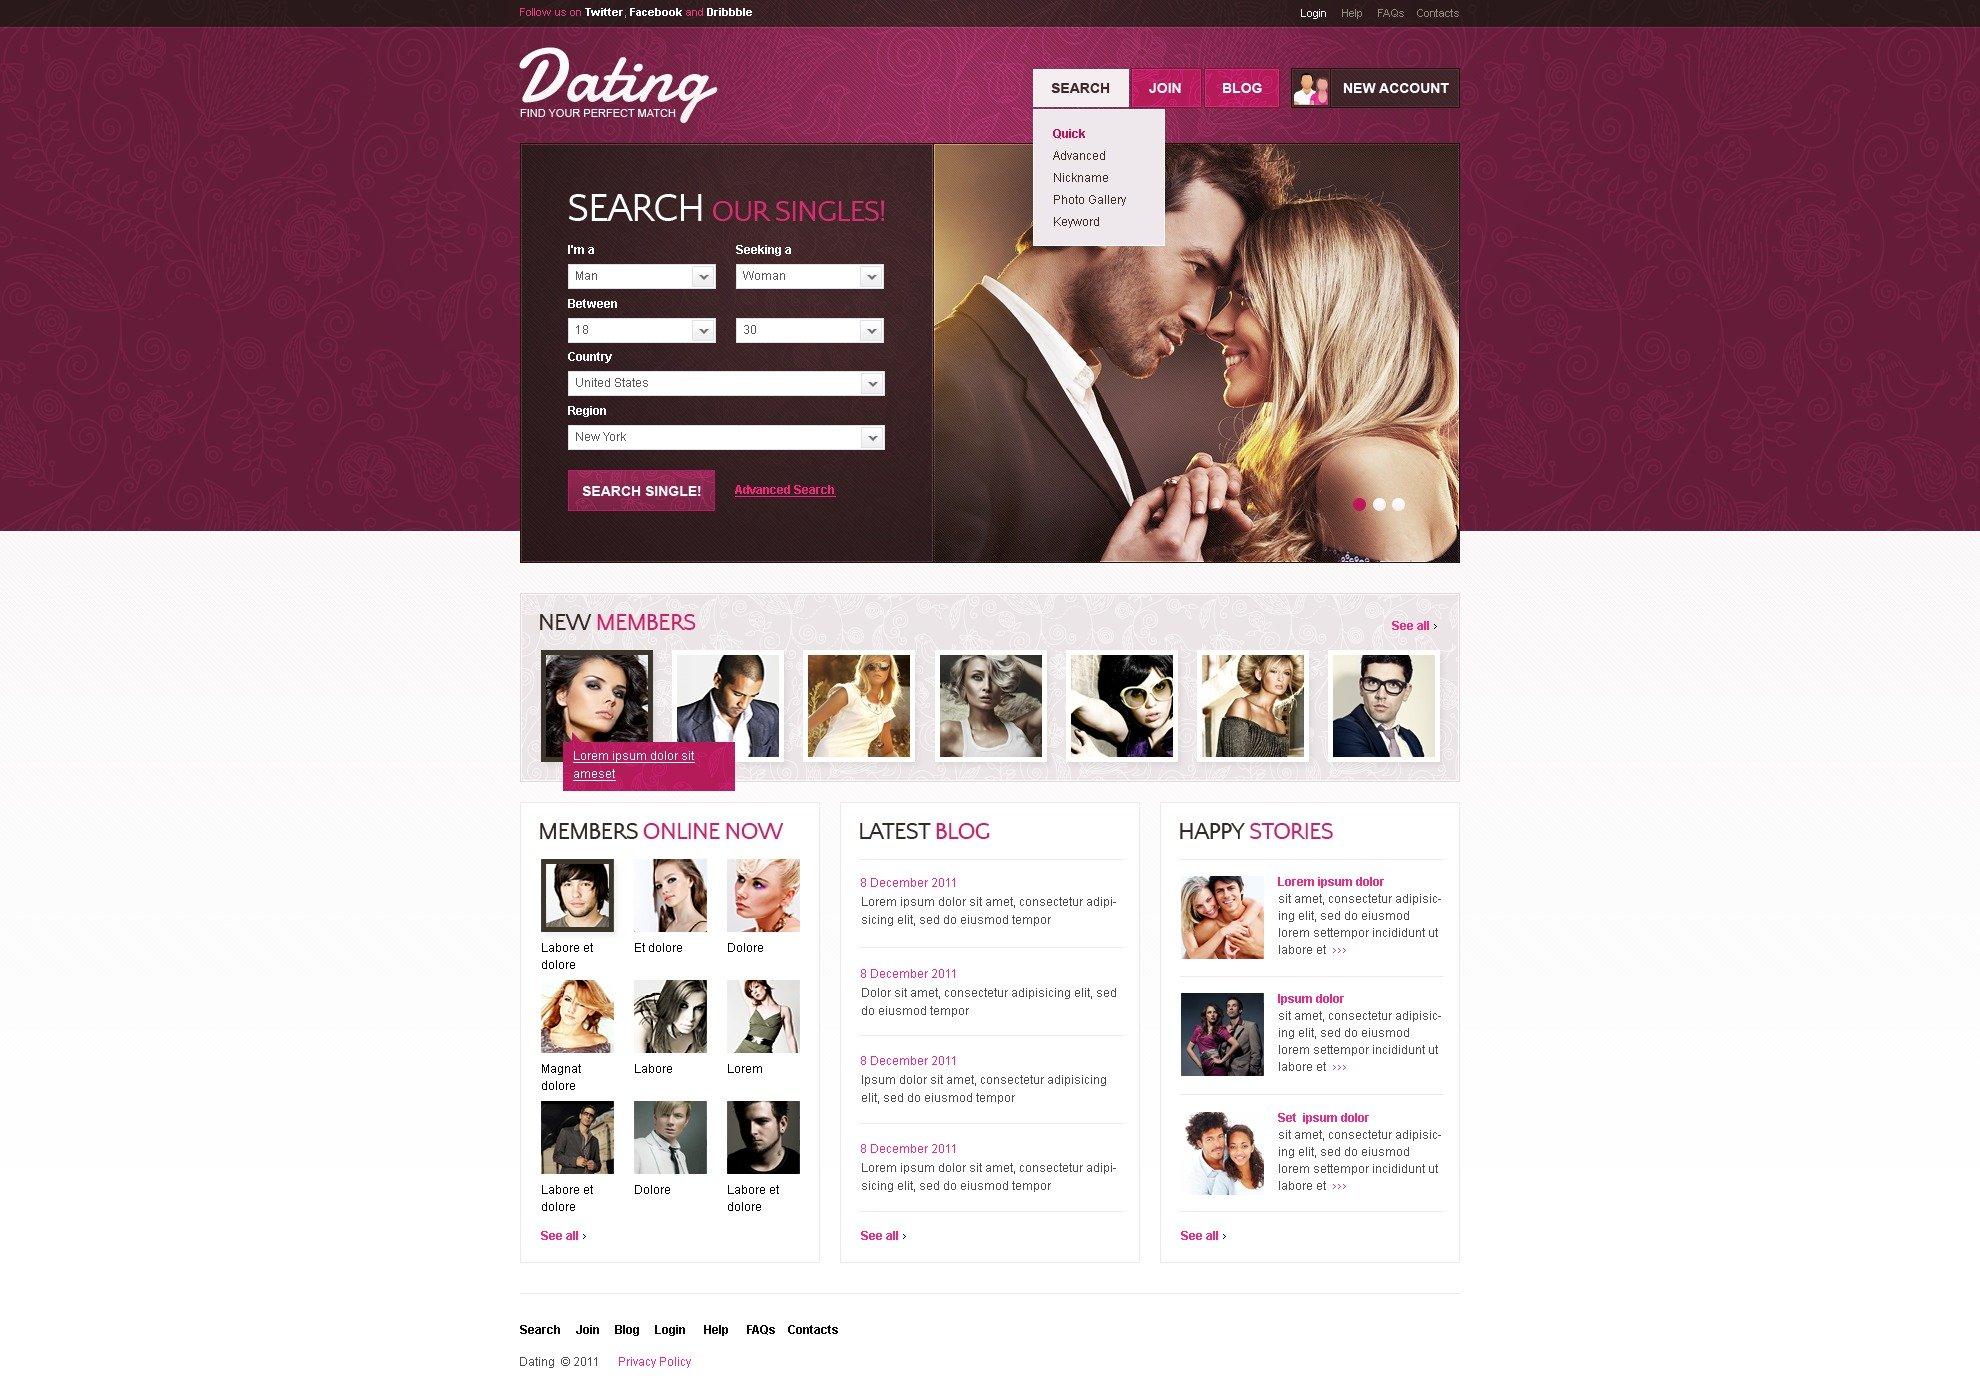 Noorse Amerikaanse dating site